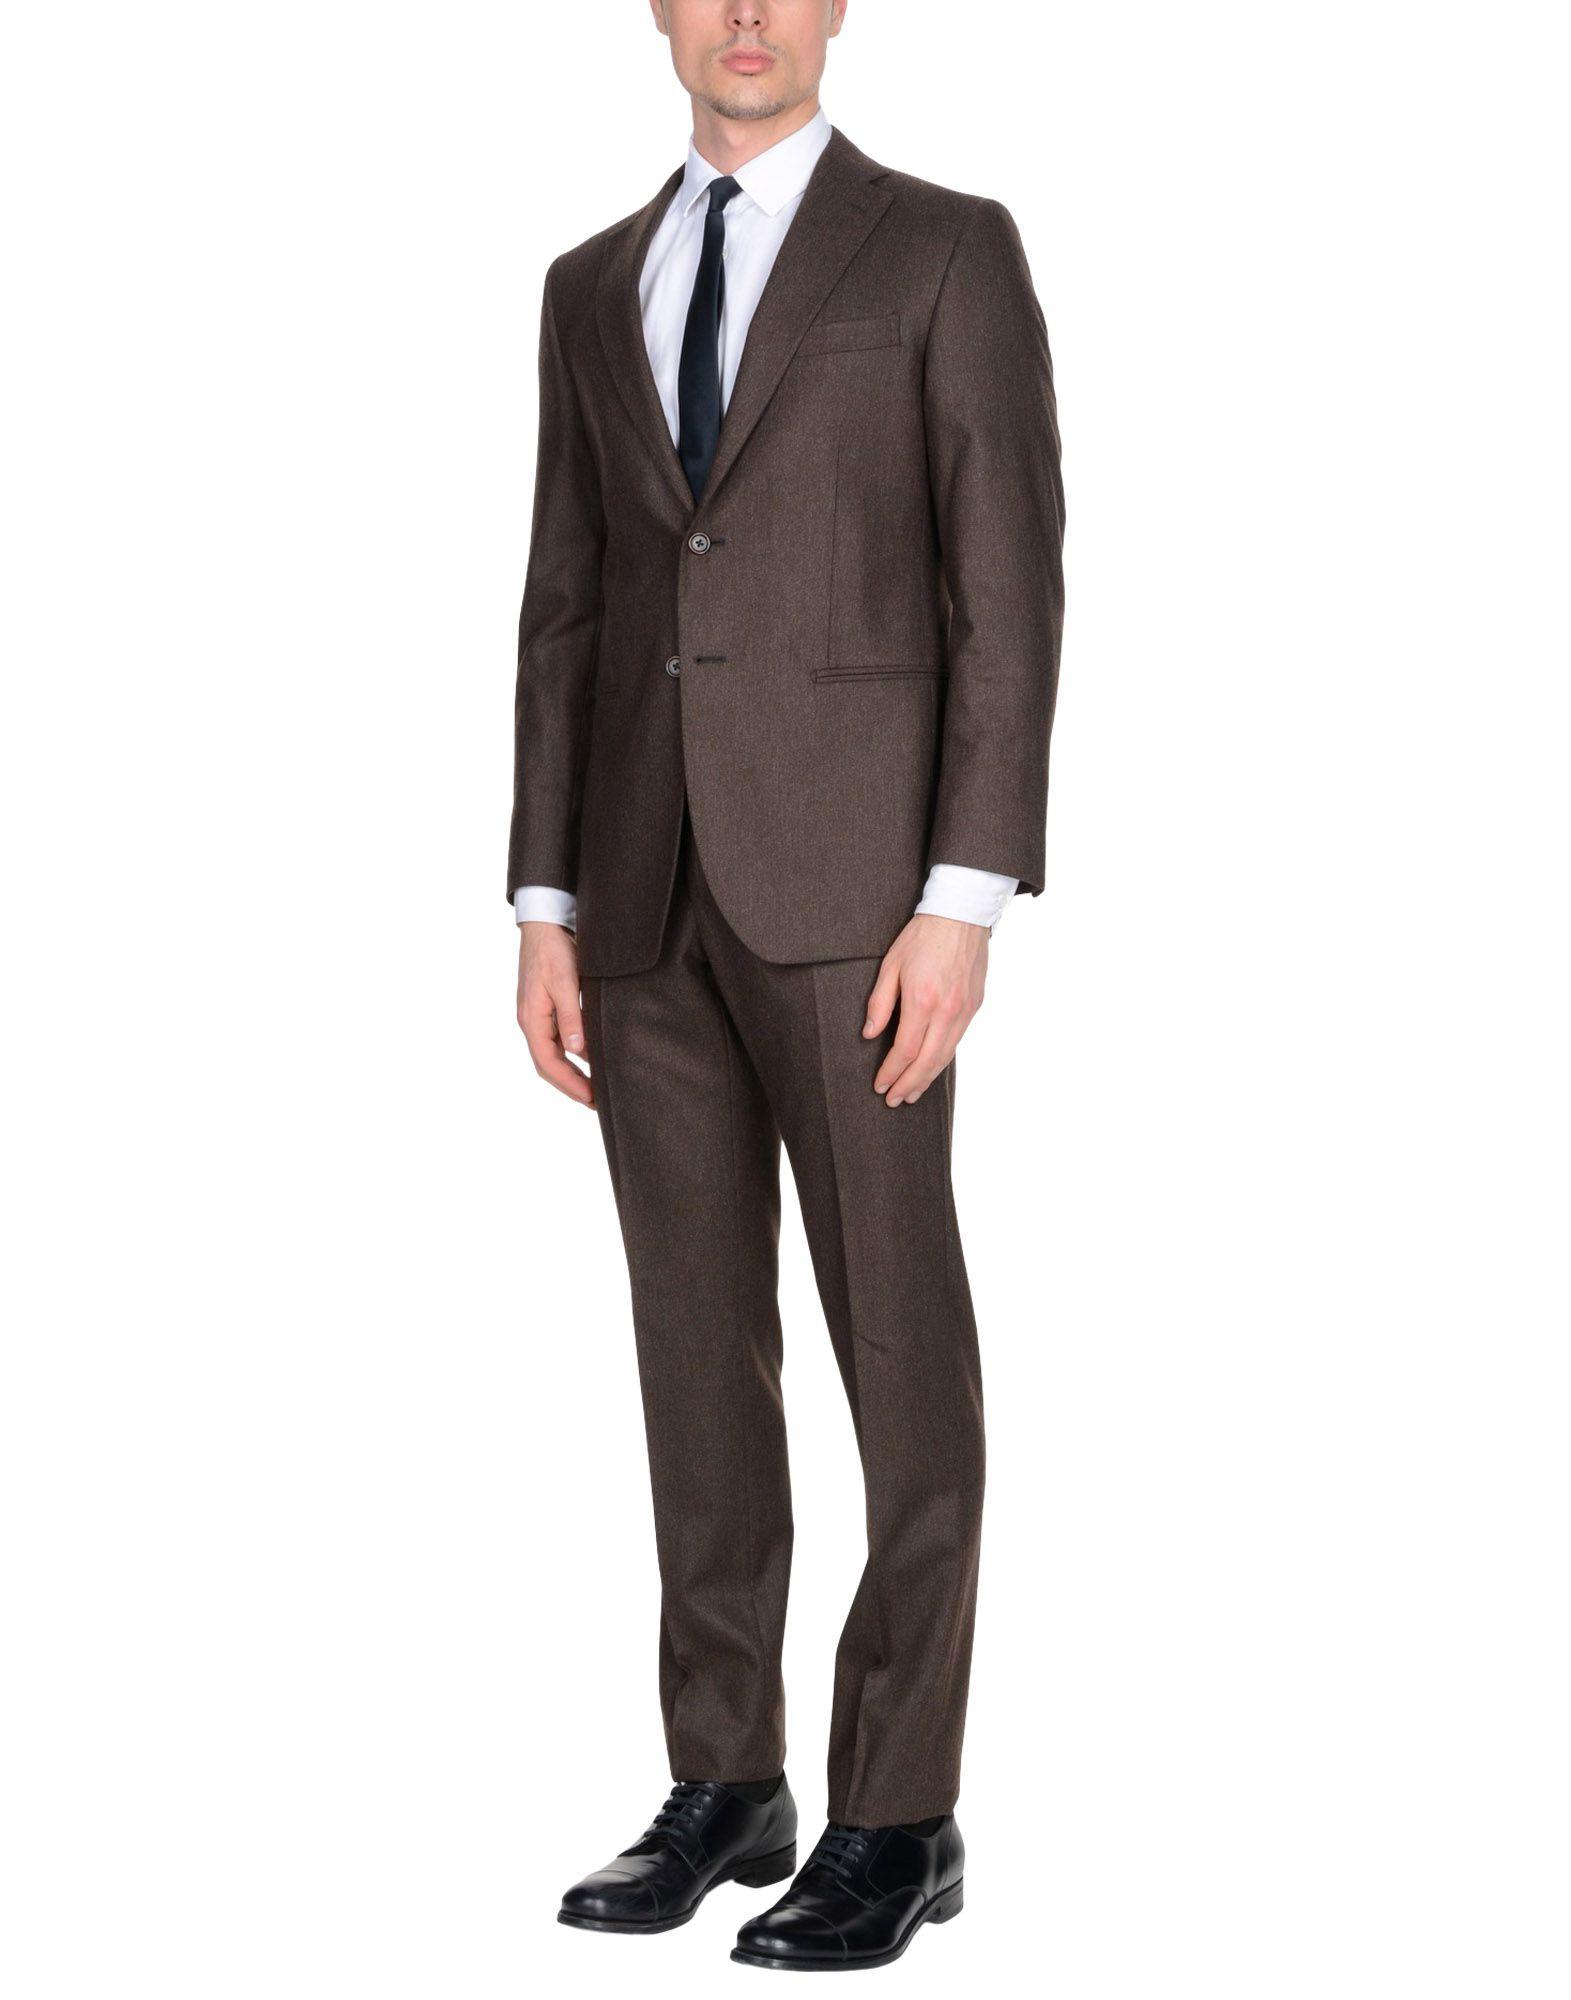 《送料無料》RIVIERA Milano メンズ スーツ ココア 46 スーパー150 ウール 100%